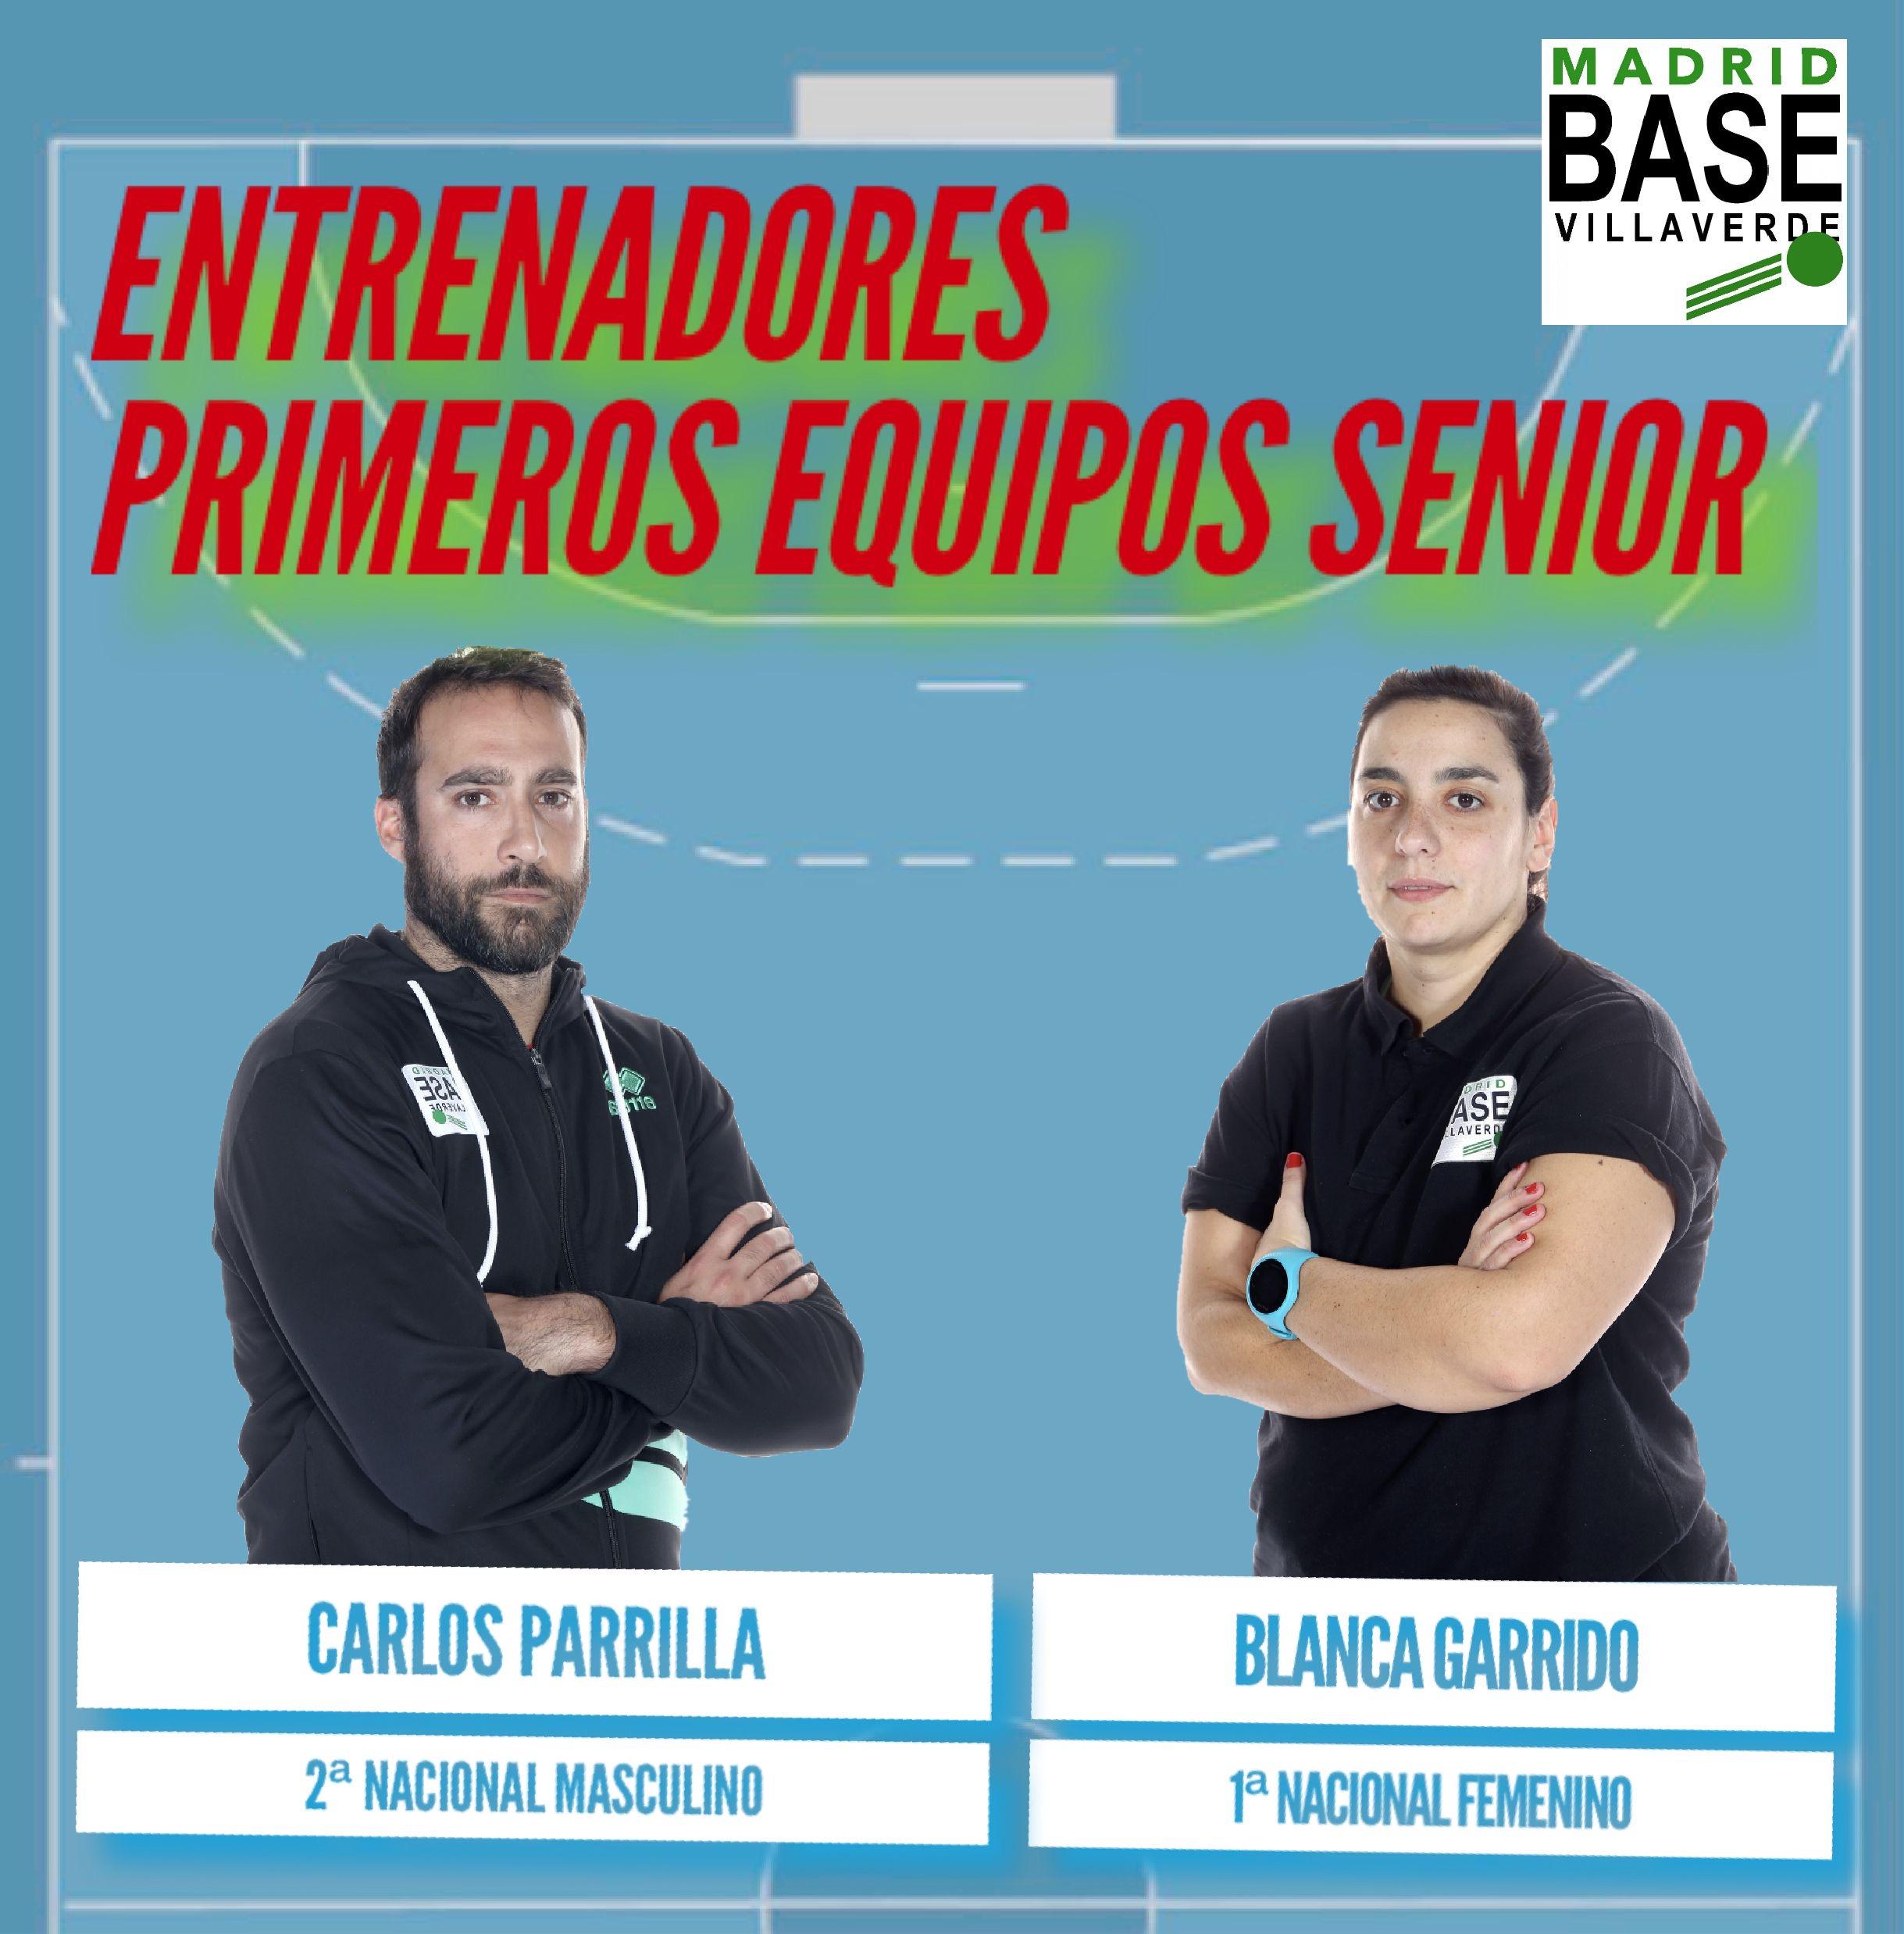 Presentación de Entrenadores para la 2021/22